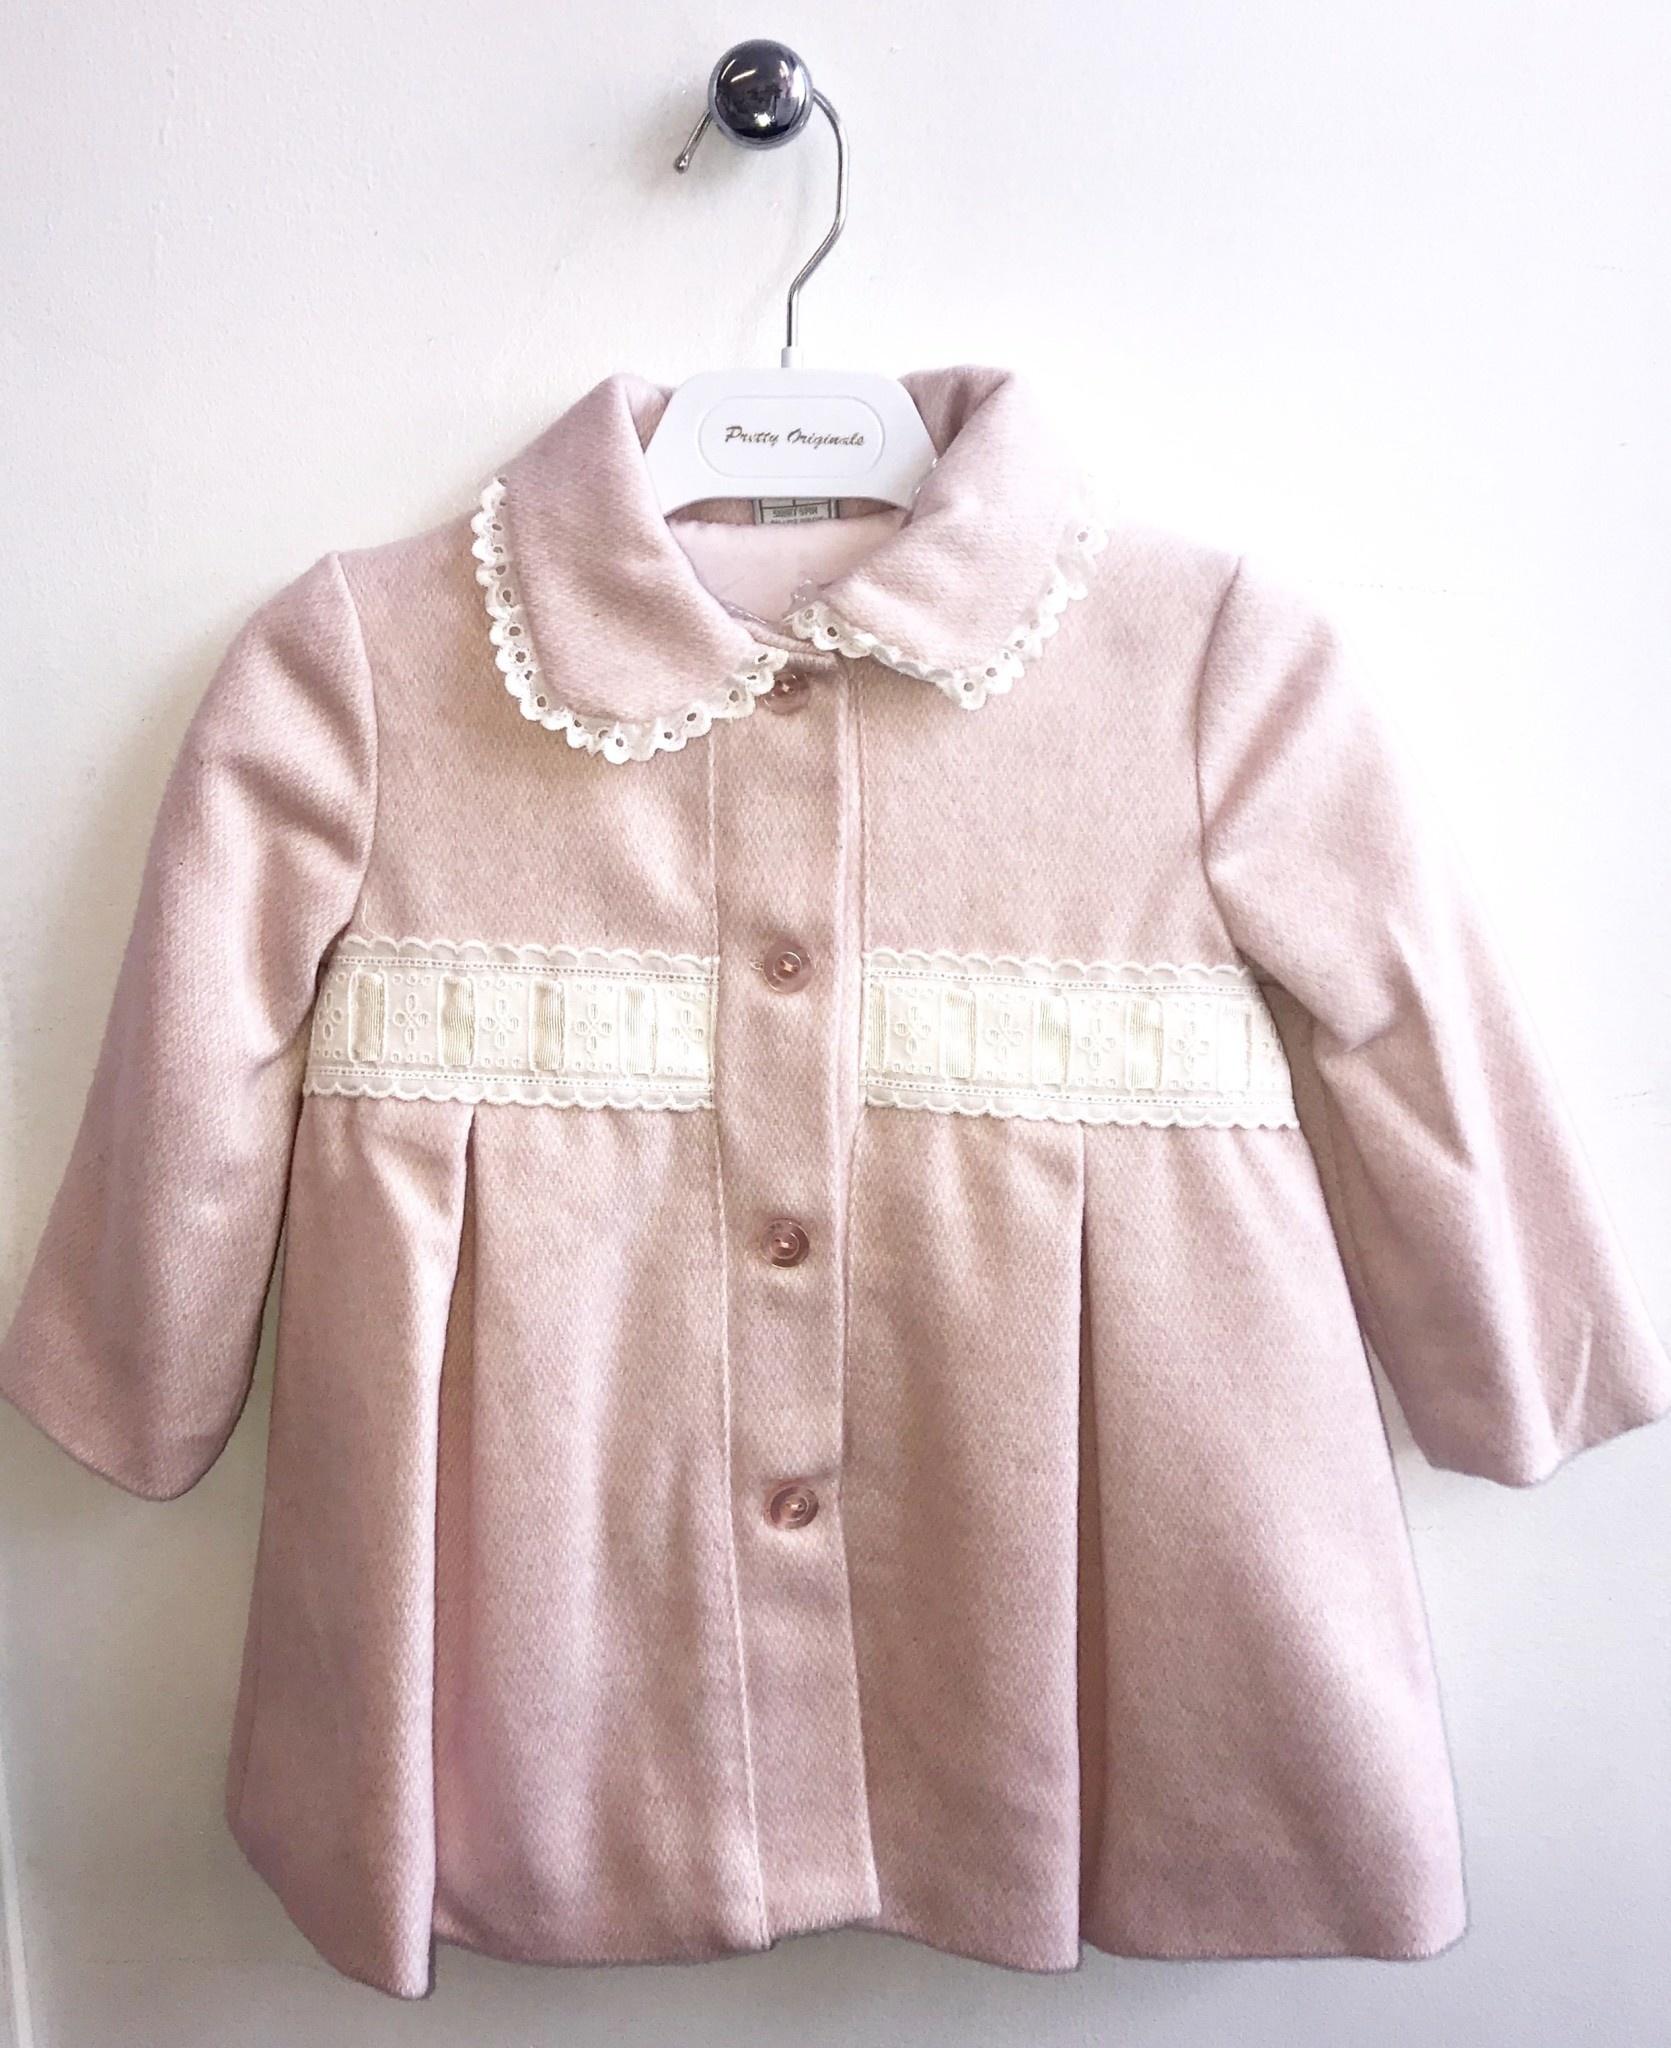 Pretty Originals Pretty Originals Pink Coat with Bows